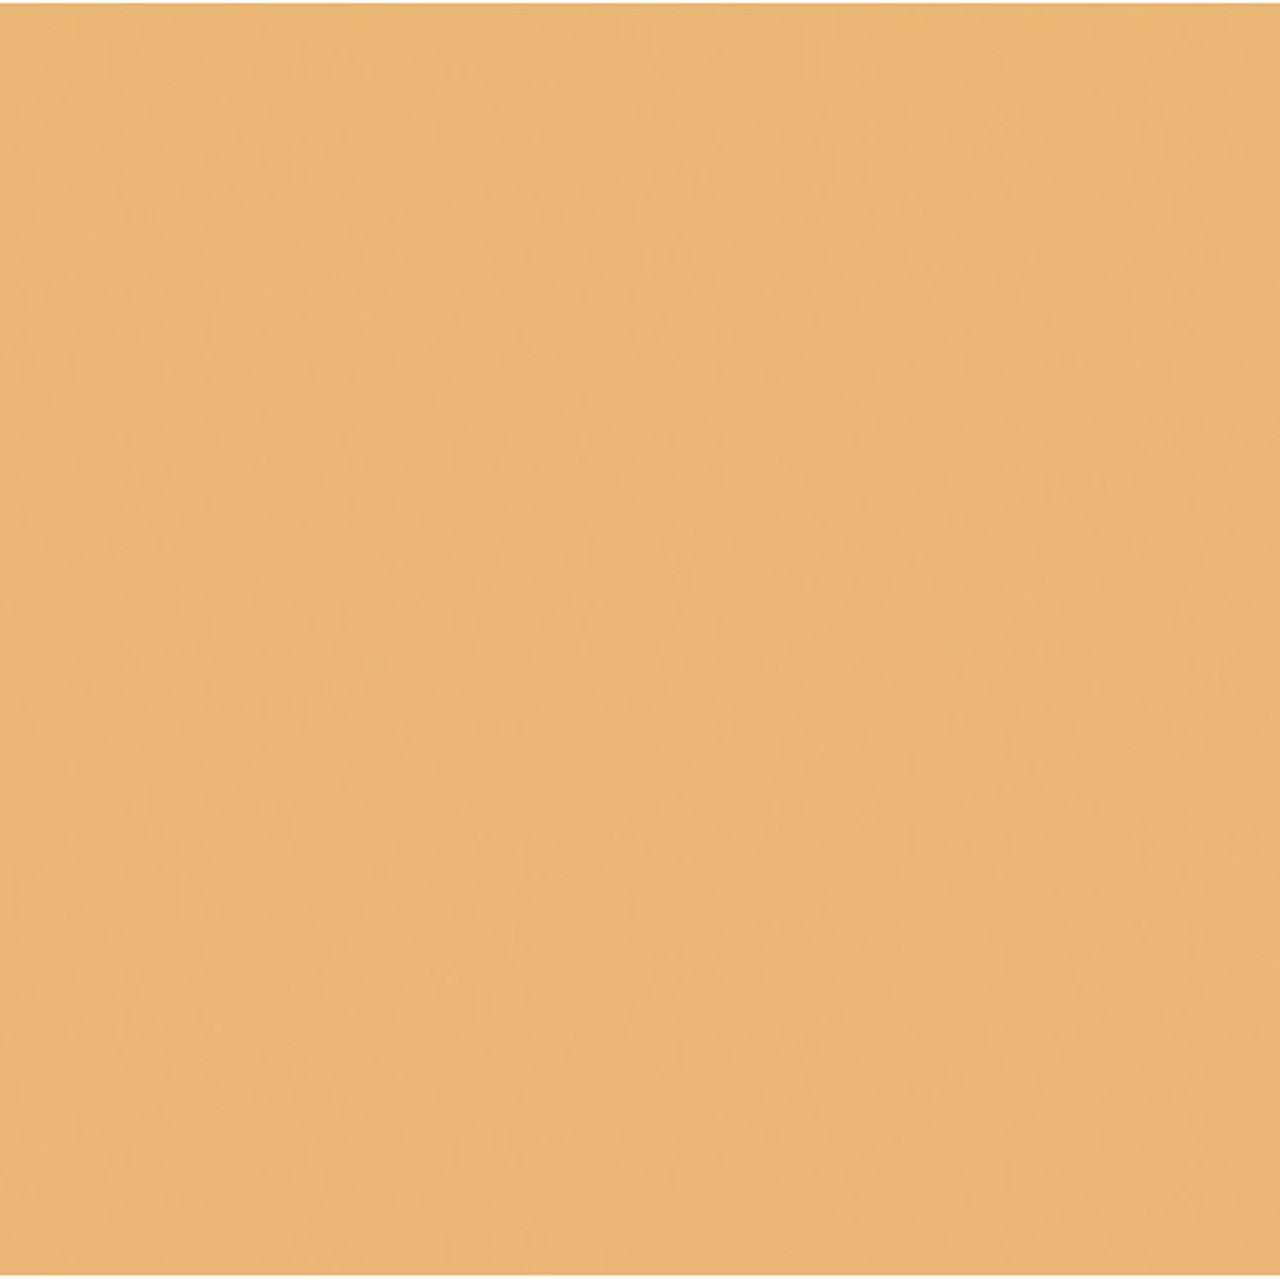 Rosco Cinegel Sheet #3411: Roscosun 3/4 CTO, Gels